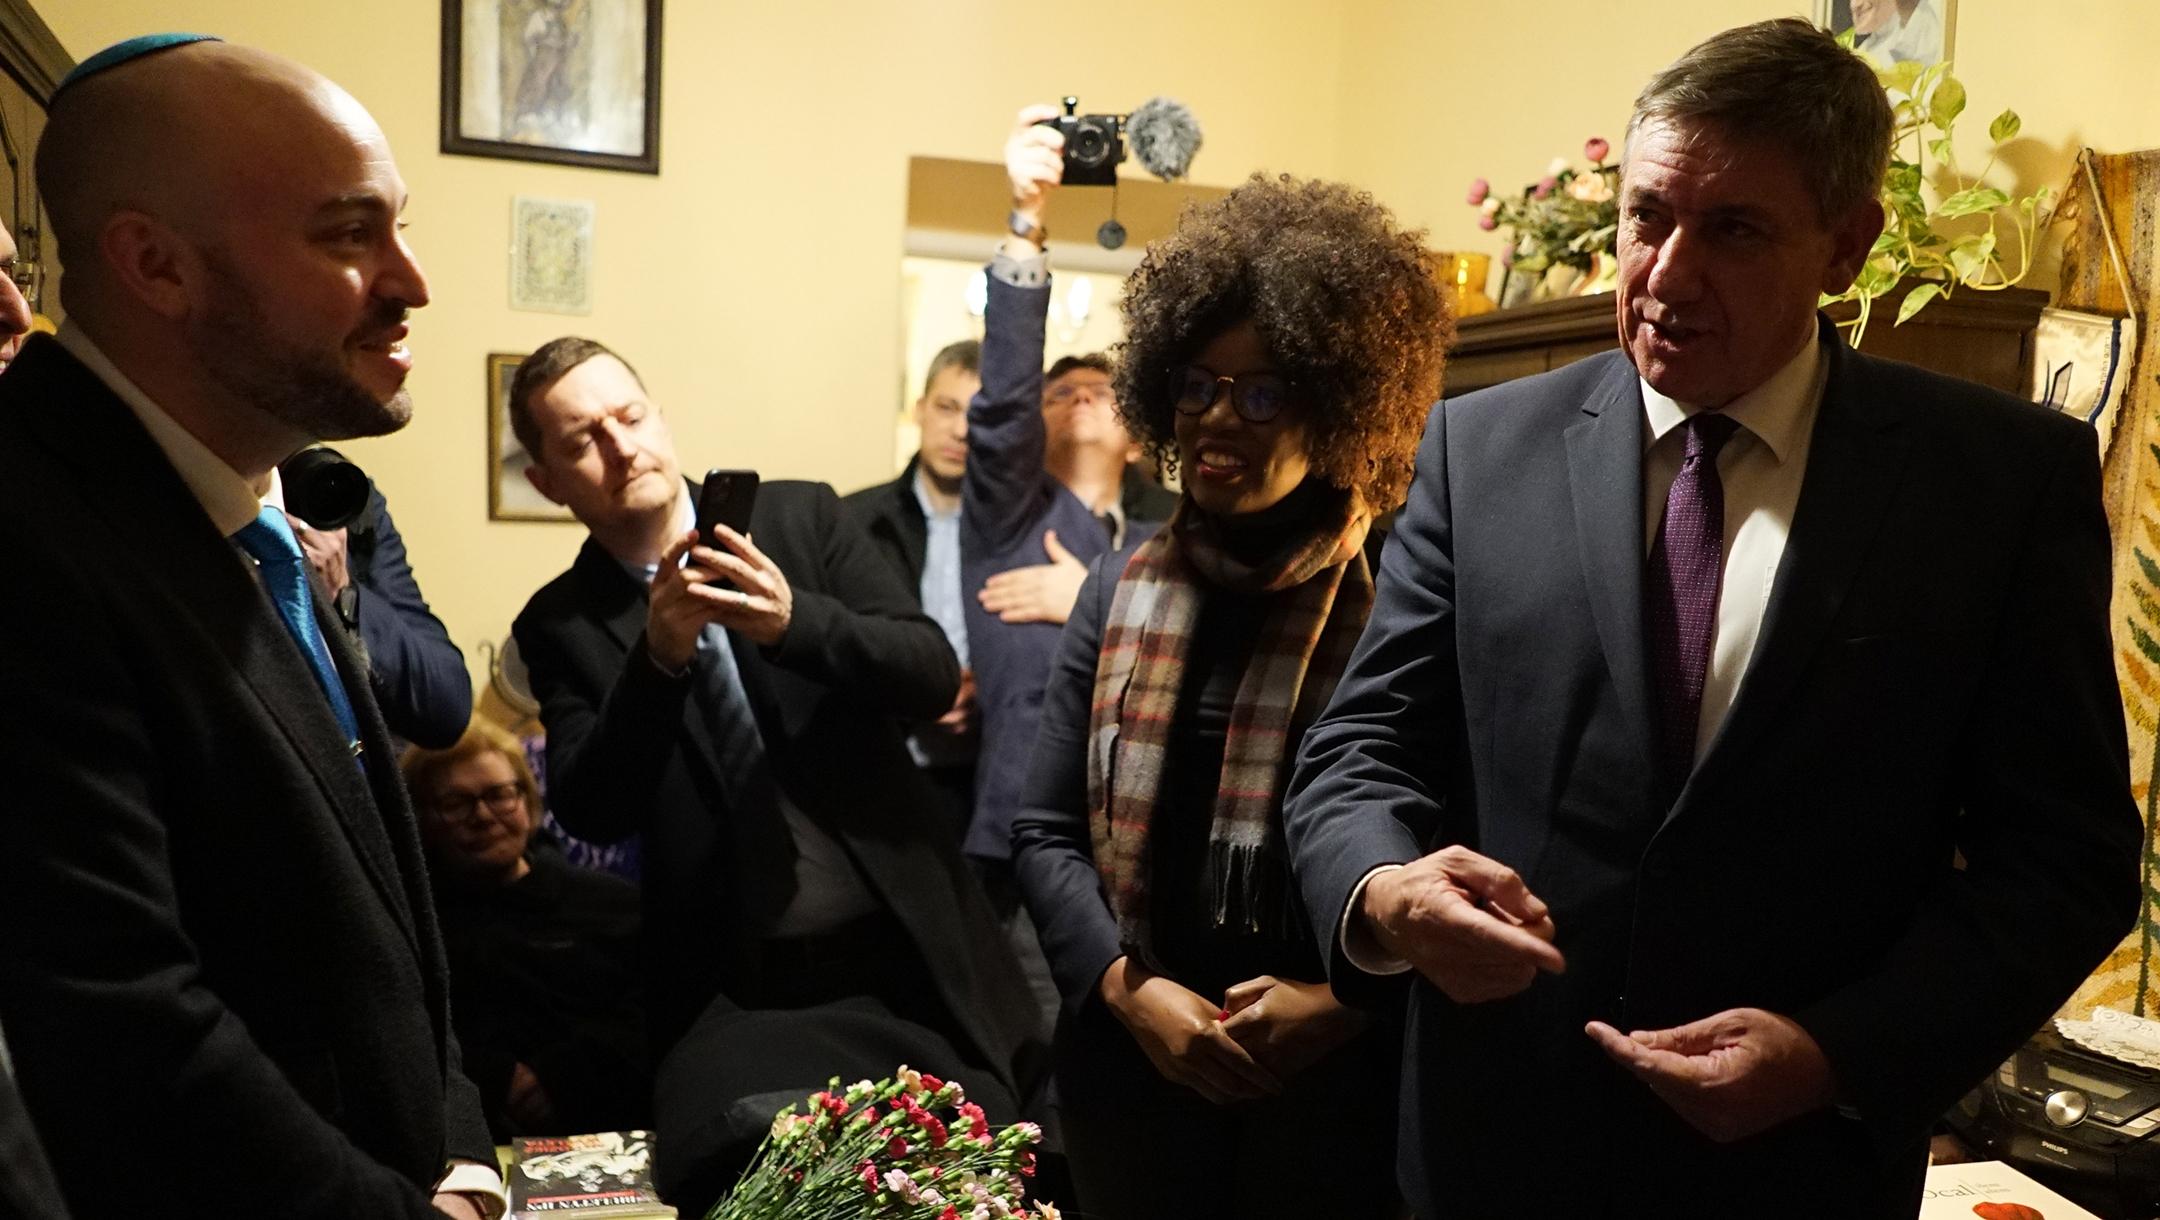 Flemish Prime Minister Jan Jambon, right, Froum the Depths founder Jonny Daniels, left, and members of the Belgian delegation visiting the home of Maria Nowak in Krakow, Poland on Jan. 20, 2020. (Tytus Kondracki)